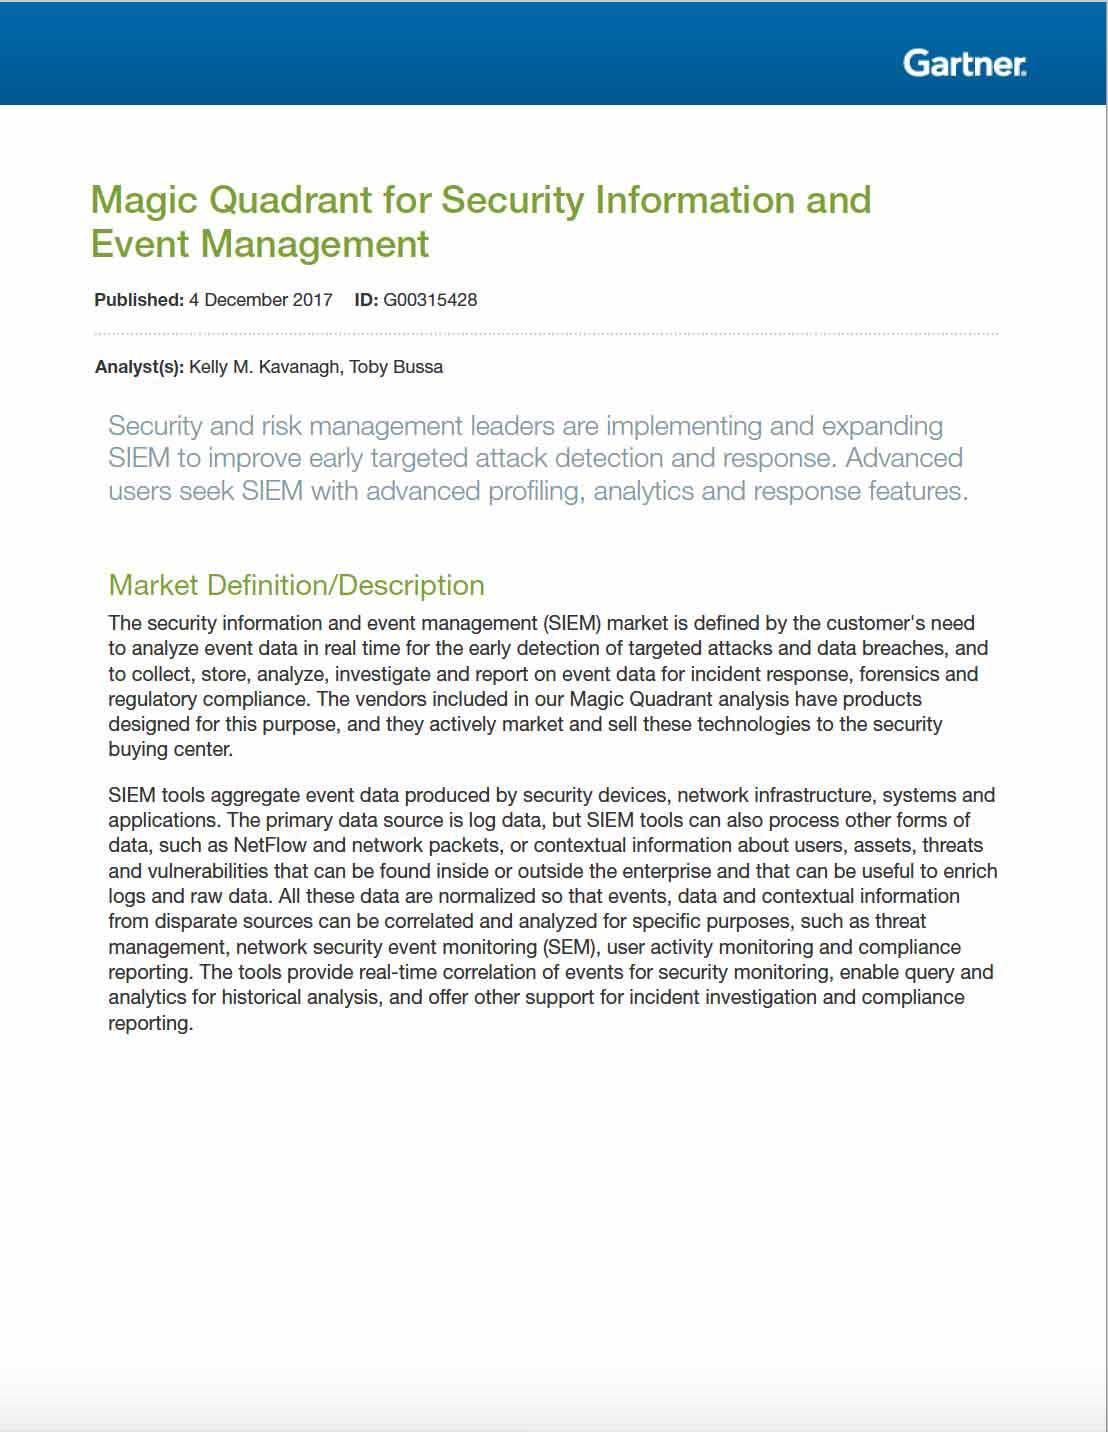 Gartner Magic Quadrant for SIEM 2017